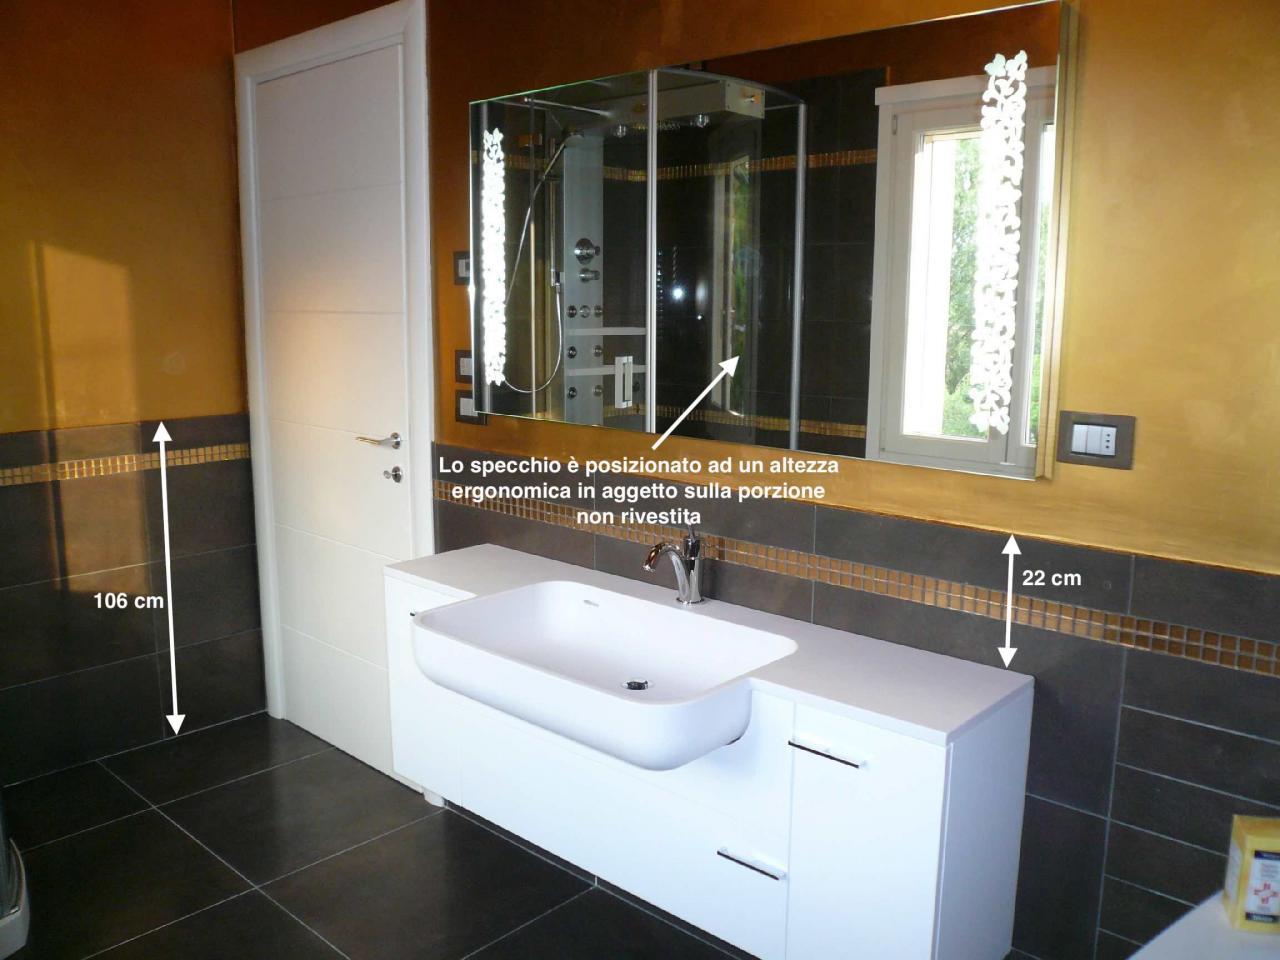 Rivestimento bagno basso quale altezza fratelli pellizzari - Altezza specchio bagno ...